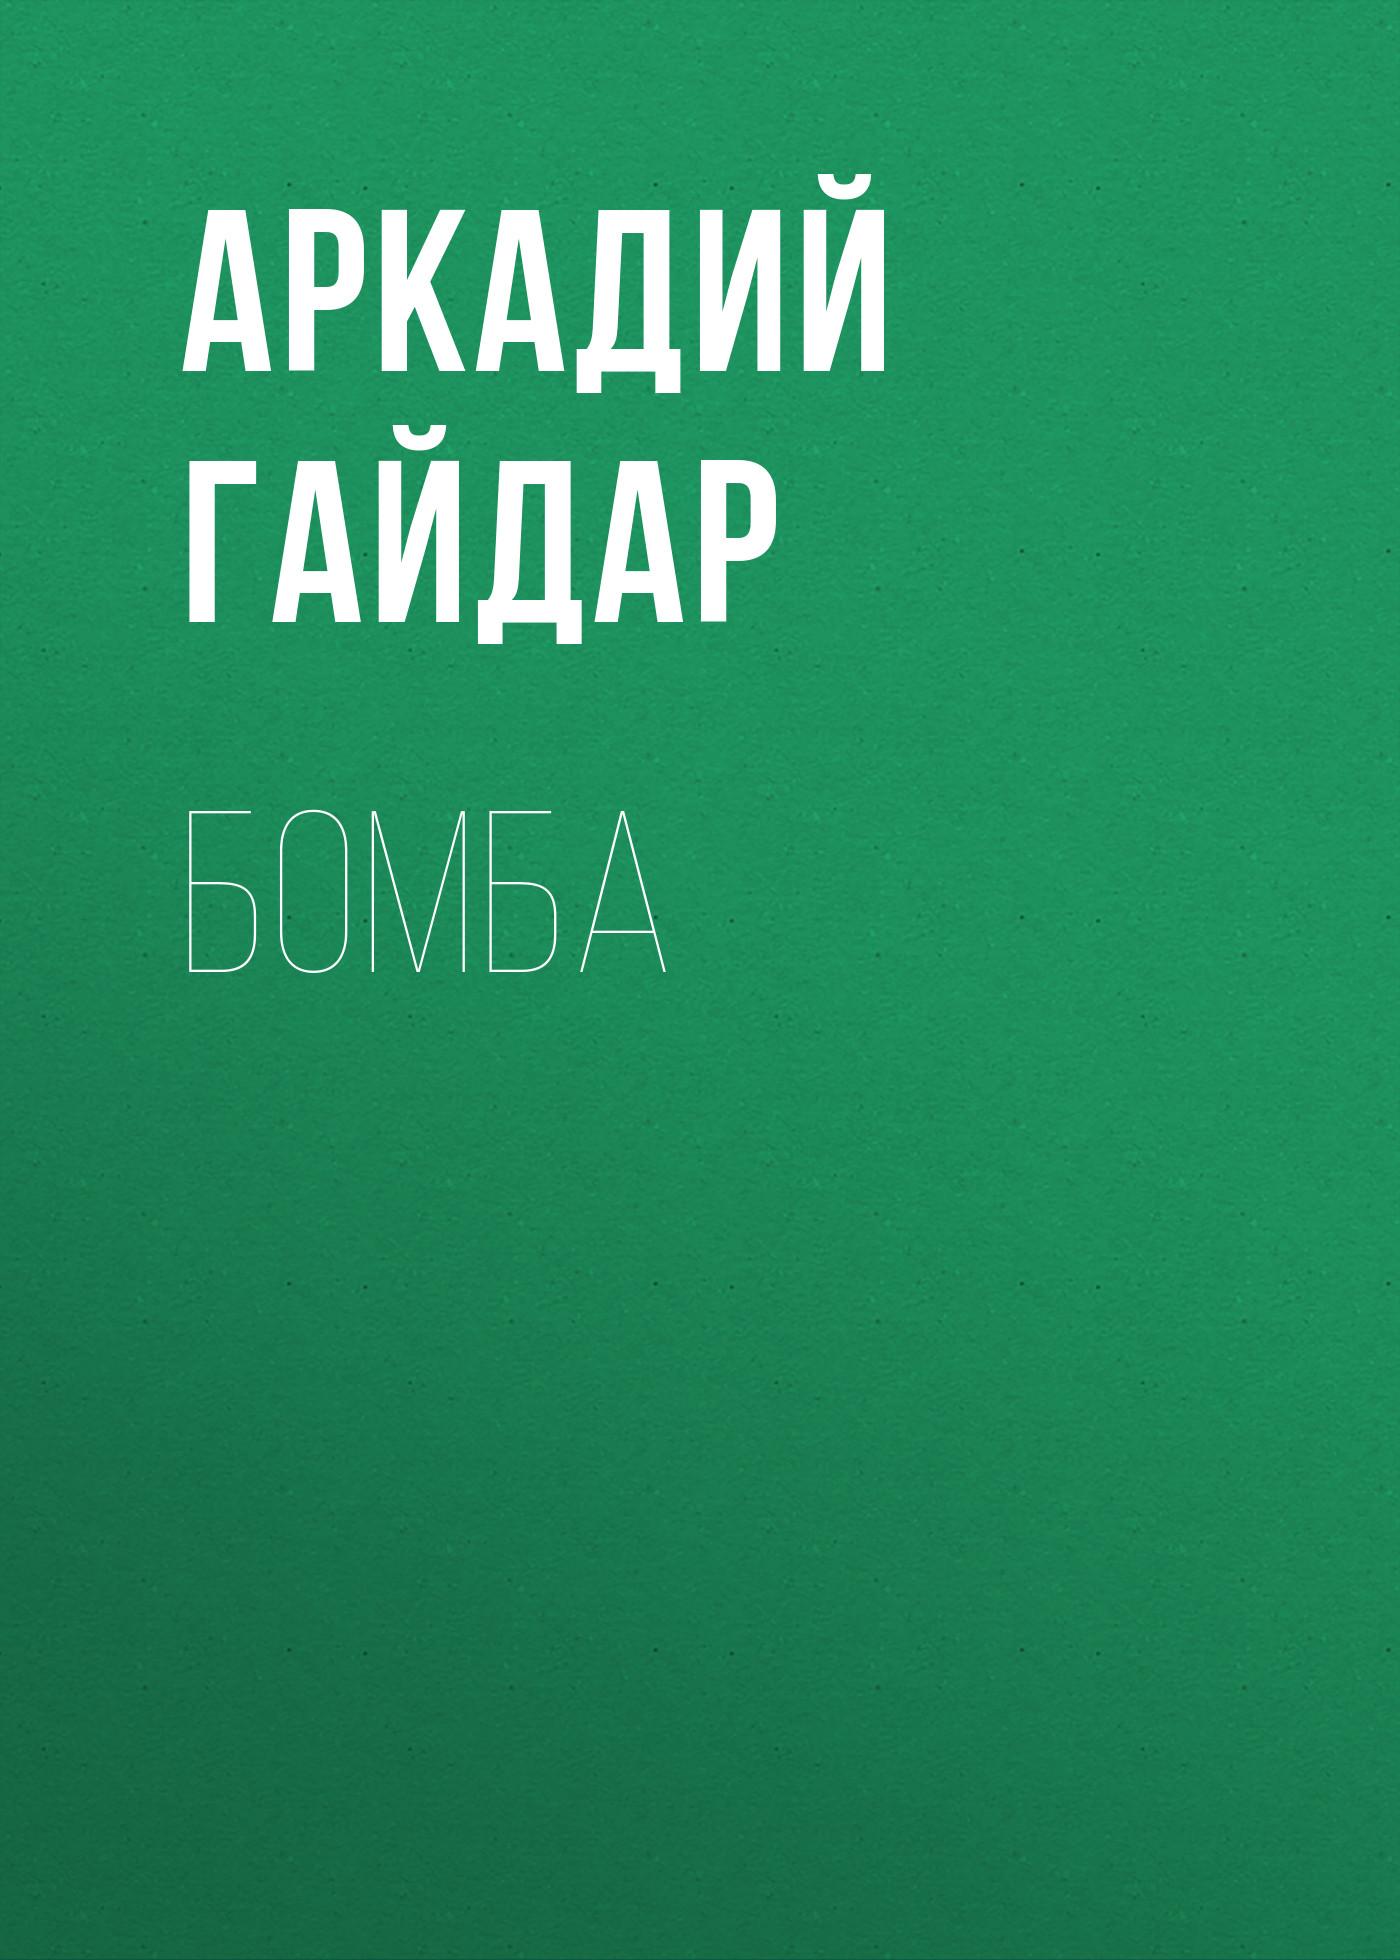 Аркадий Гайдар Бомба гайдар аркадий петрович тимур и его команда